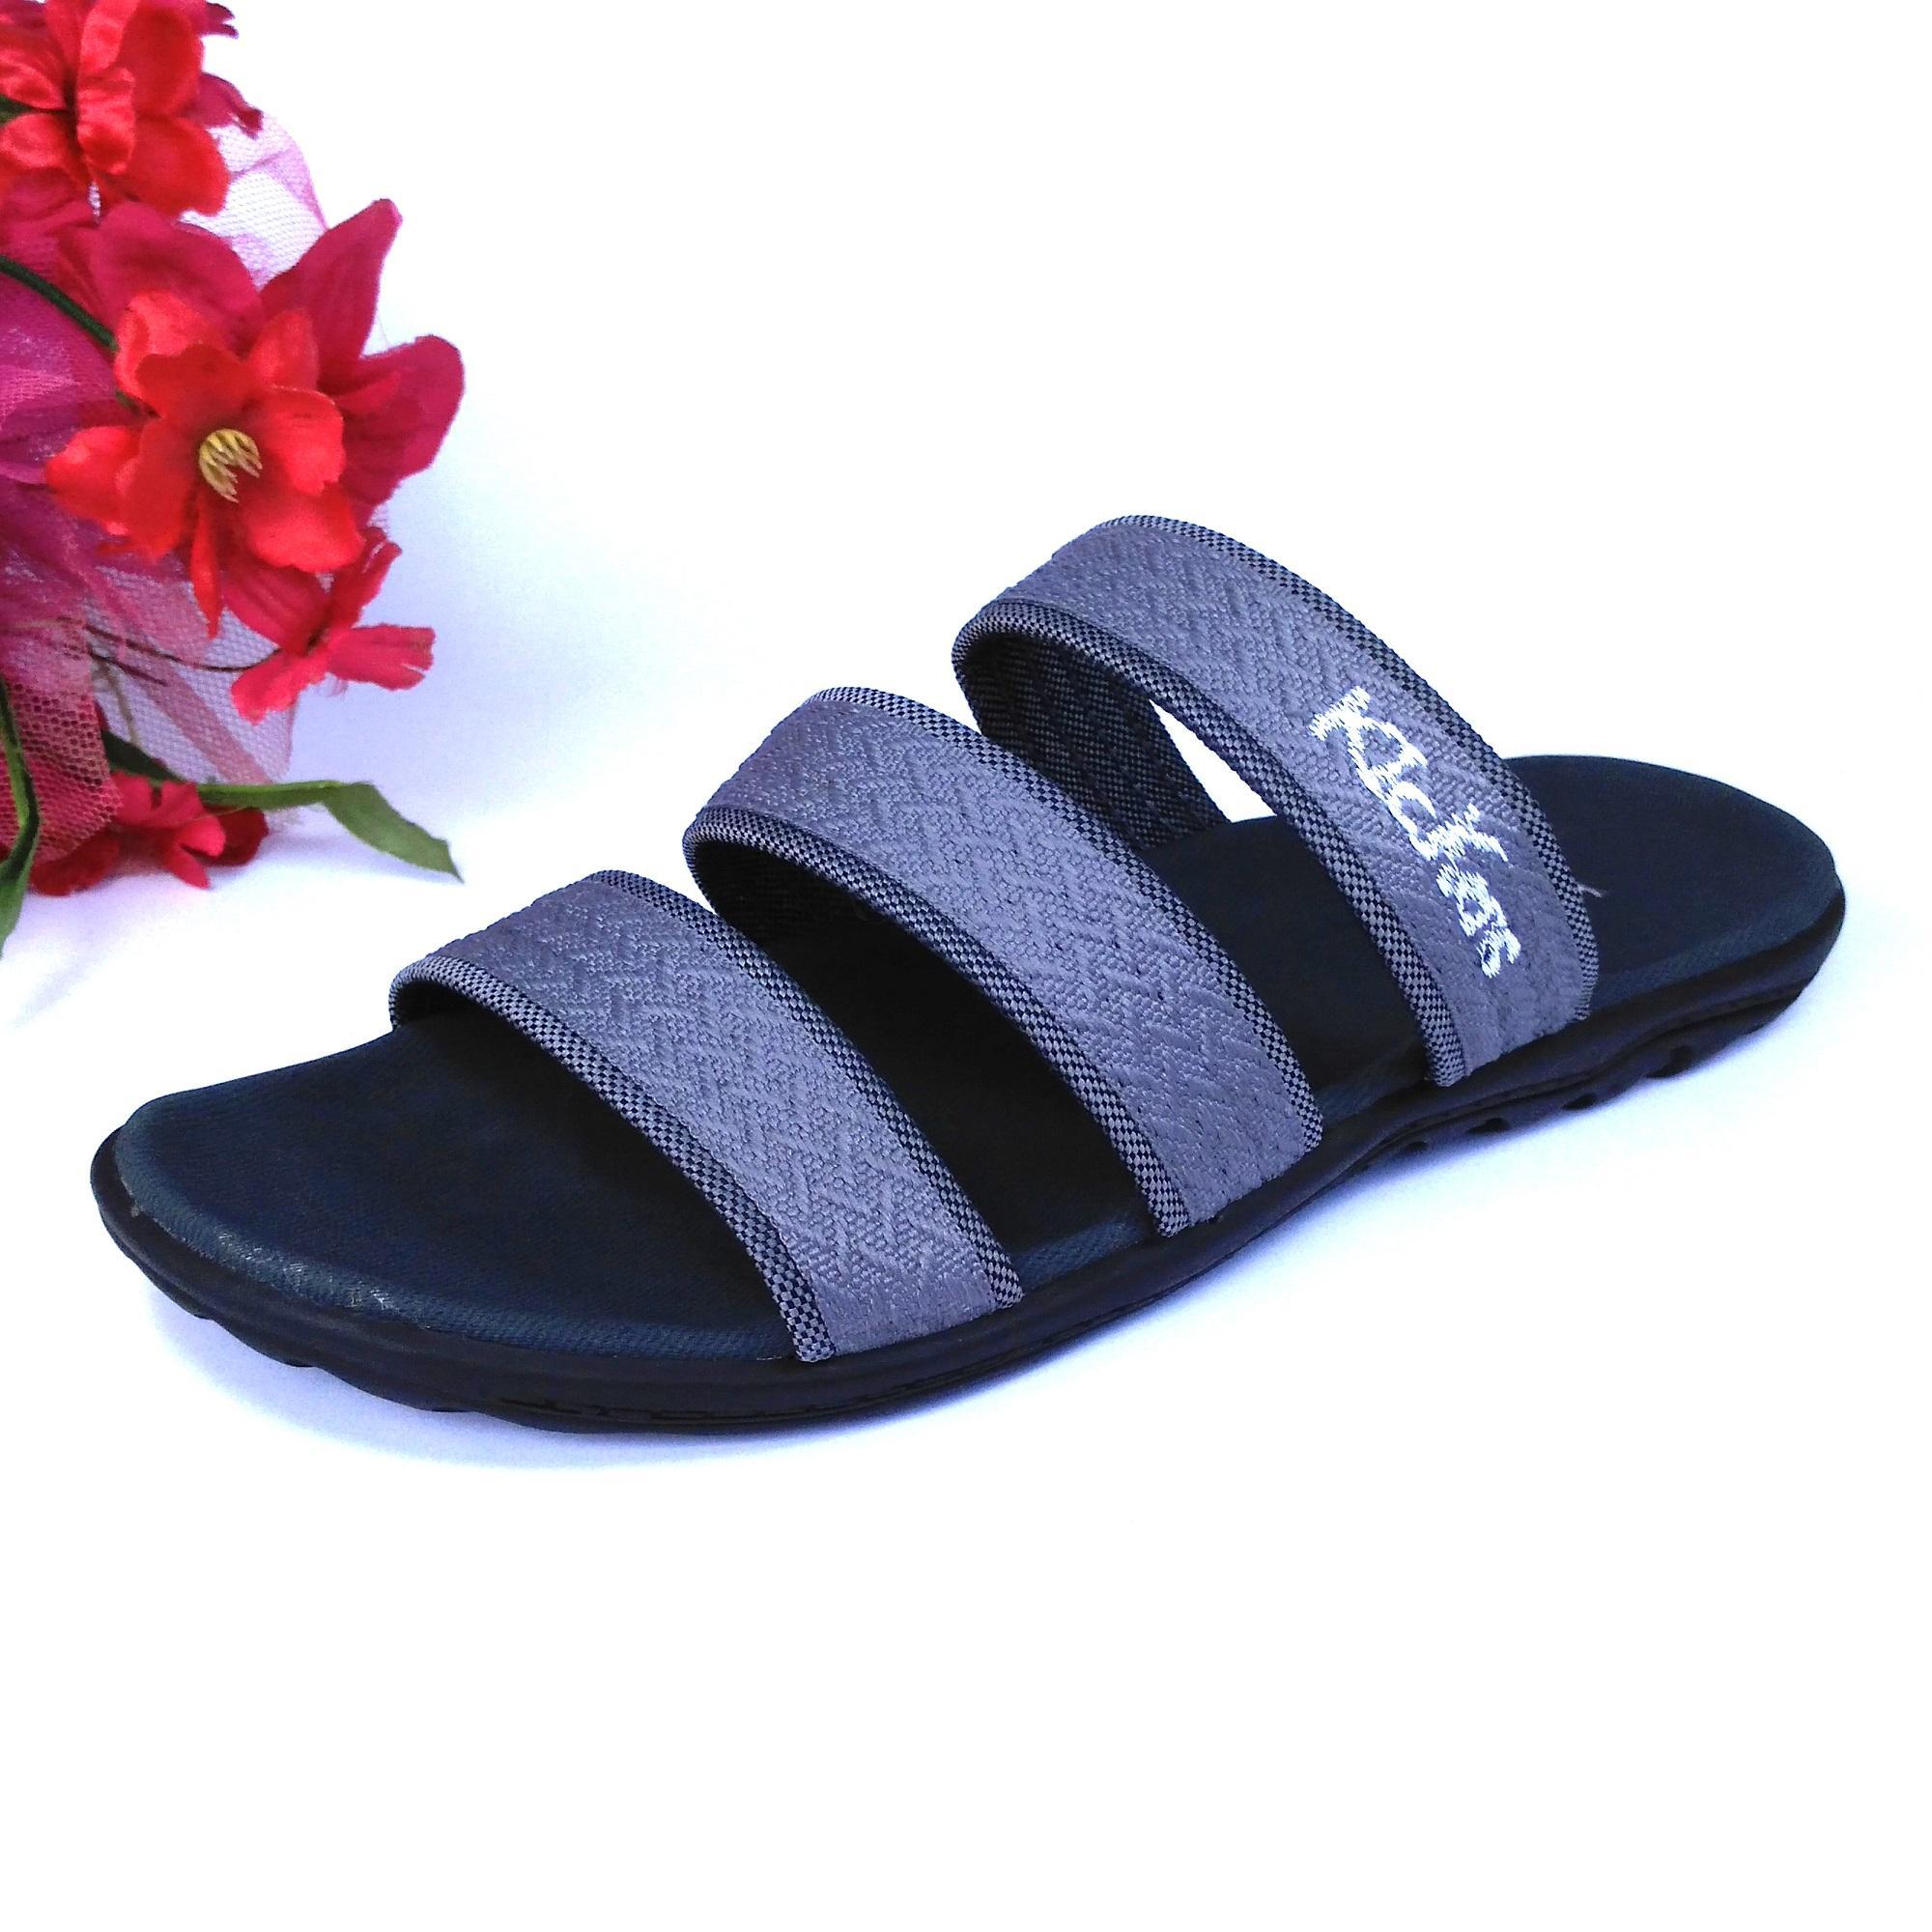 HQo Sandal Pria Terbaru / Sandal Gunung / Sepatu Sandal Pria Murah / Sandal Kulit Pria / Sandal Casual / Sandal Selop / Sandal Jepit / Fashion Pria / Sandal Pria Casual / Sandal Pria Kasual / Sendal Pria / Sandal Pria Murah / LVDR